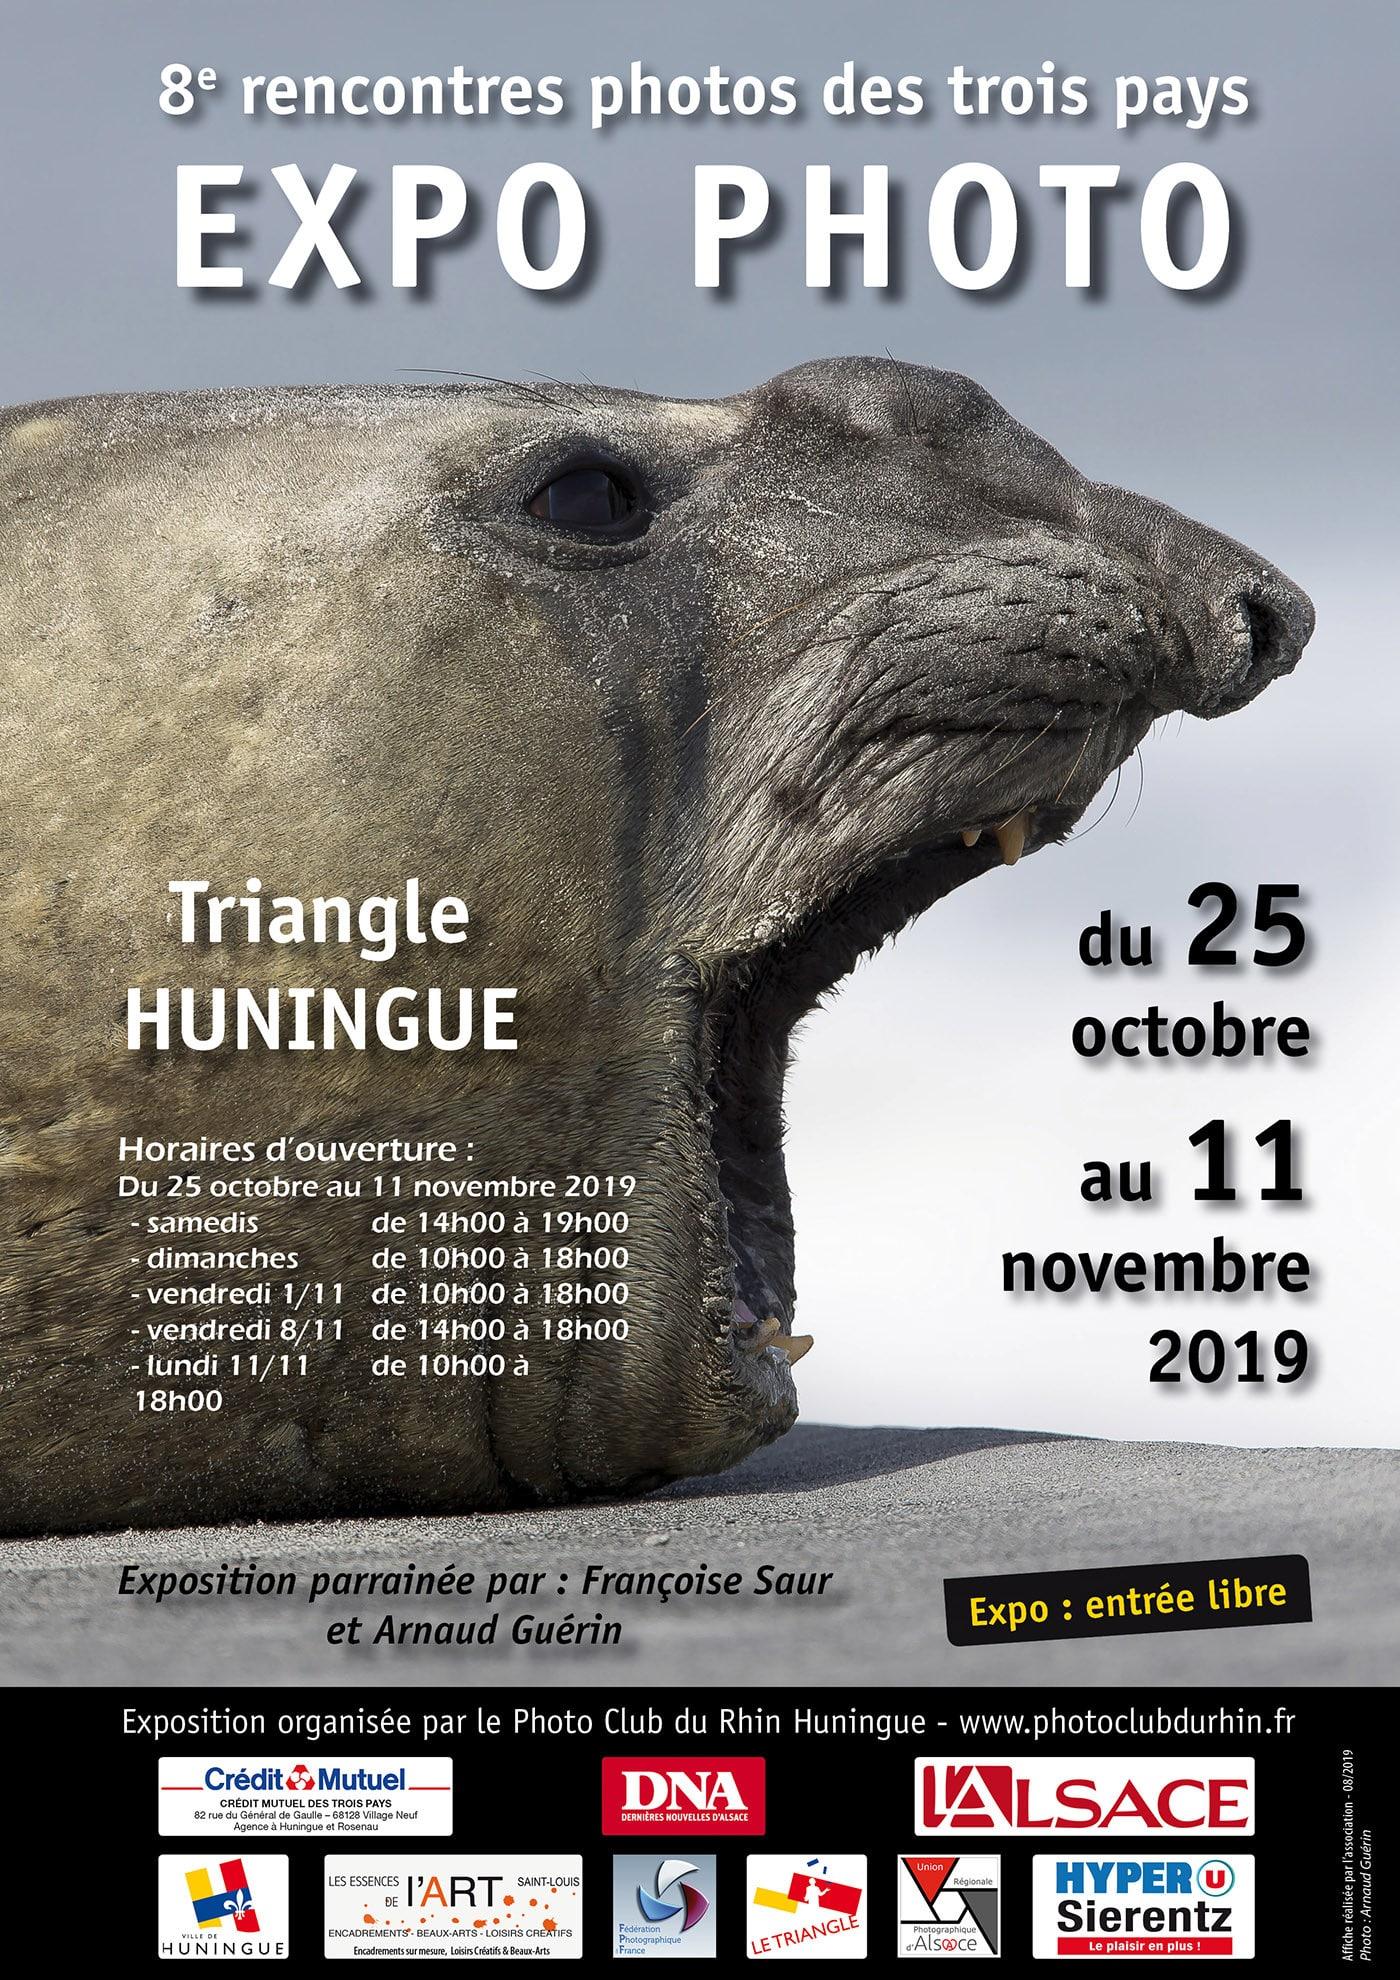 Rencontres à Huningue avec le site de rencontre ecolalies.fr